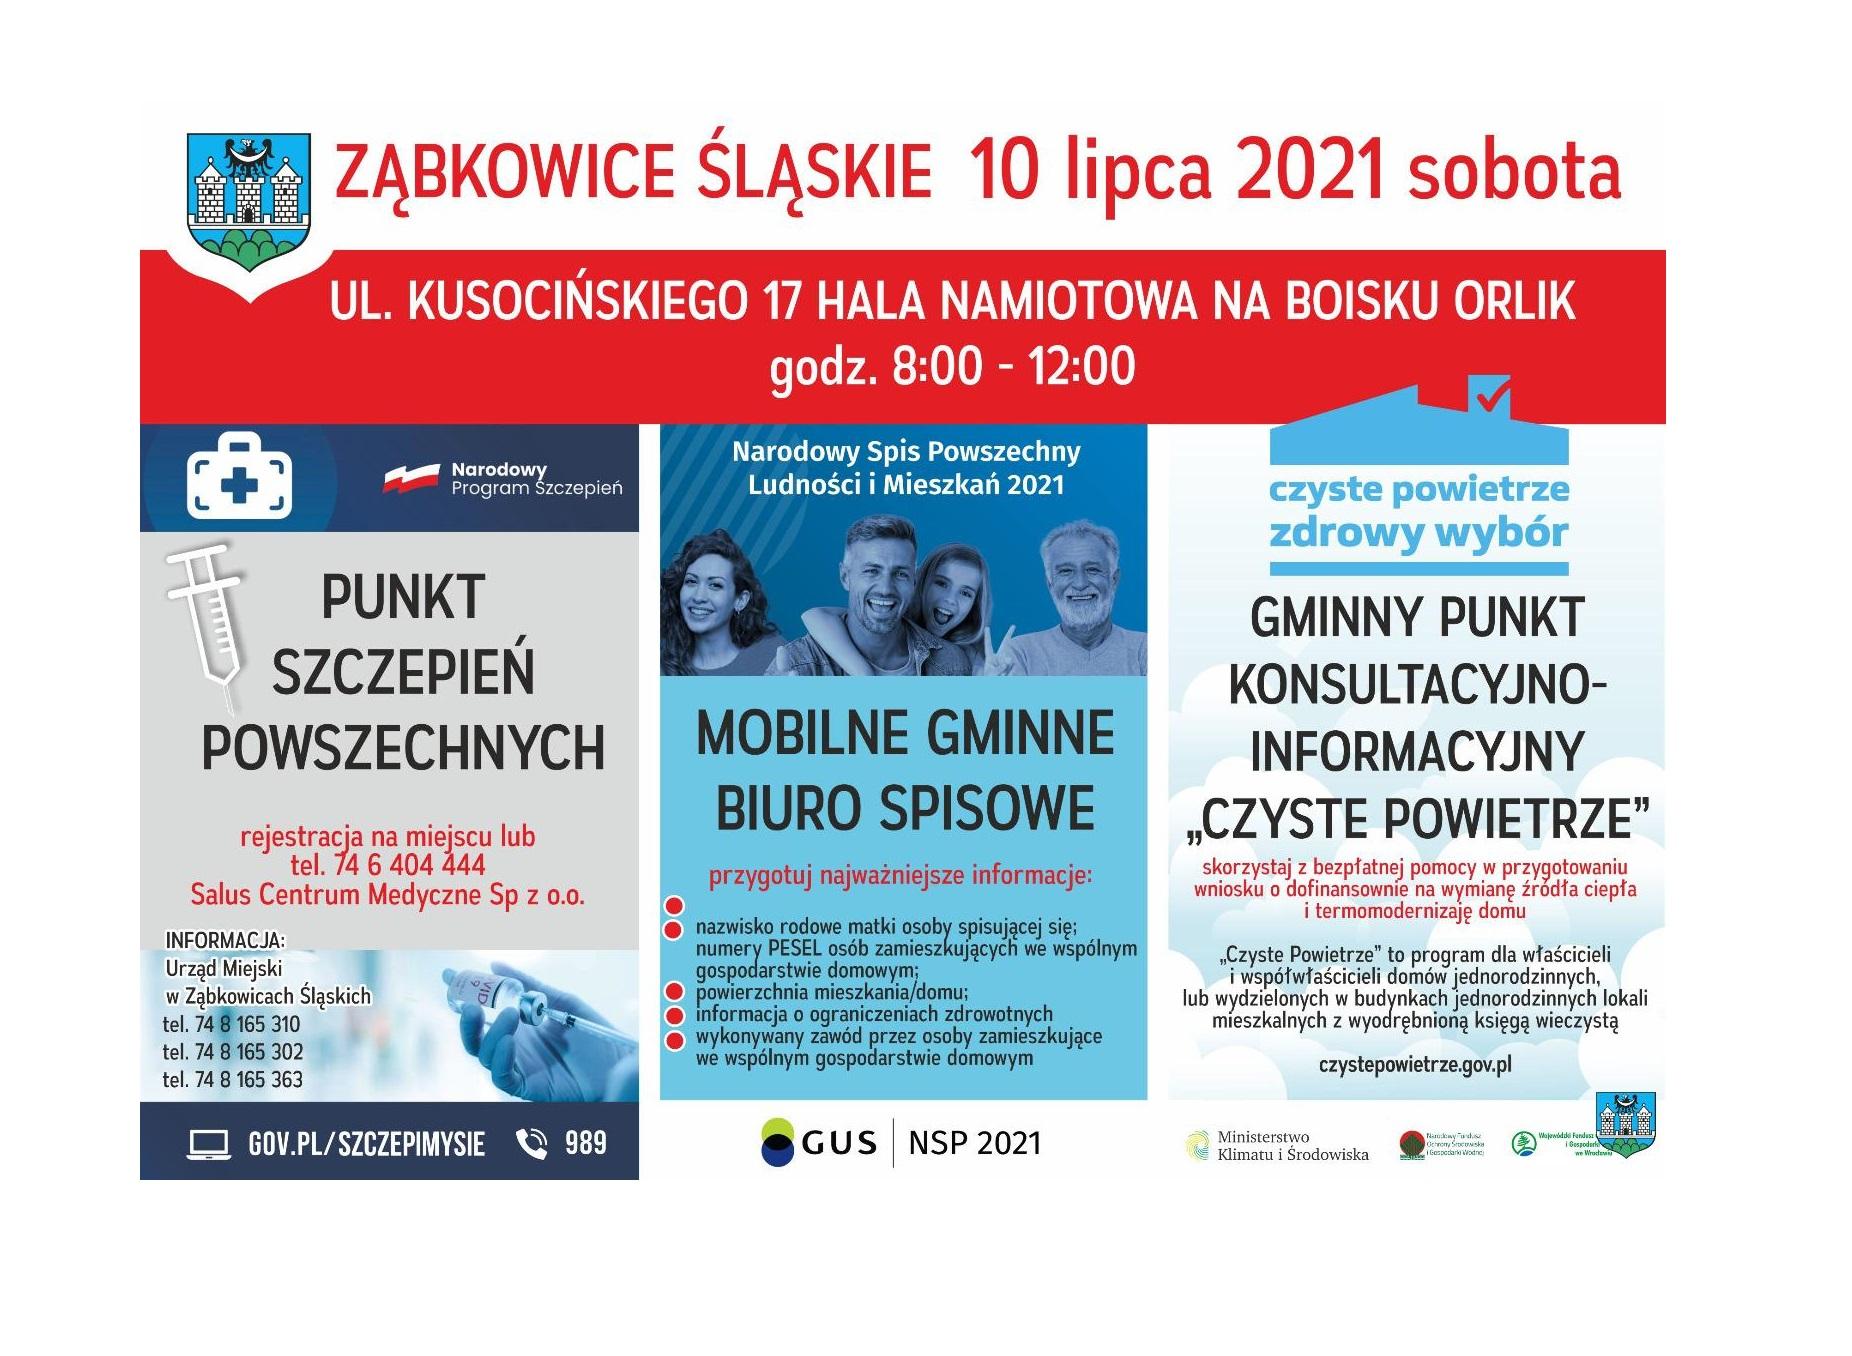 Ząbkowice Śląskie: W sobotę będzie działać mobilny urząd - Zdjęcie główne